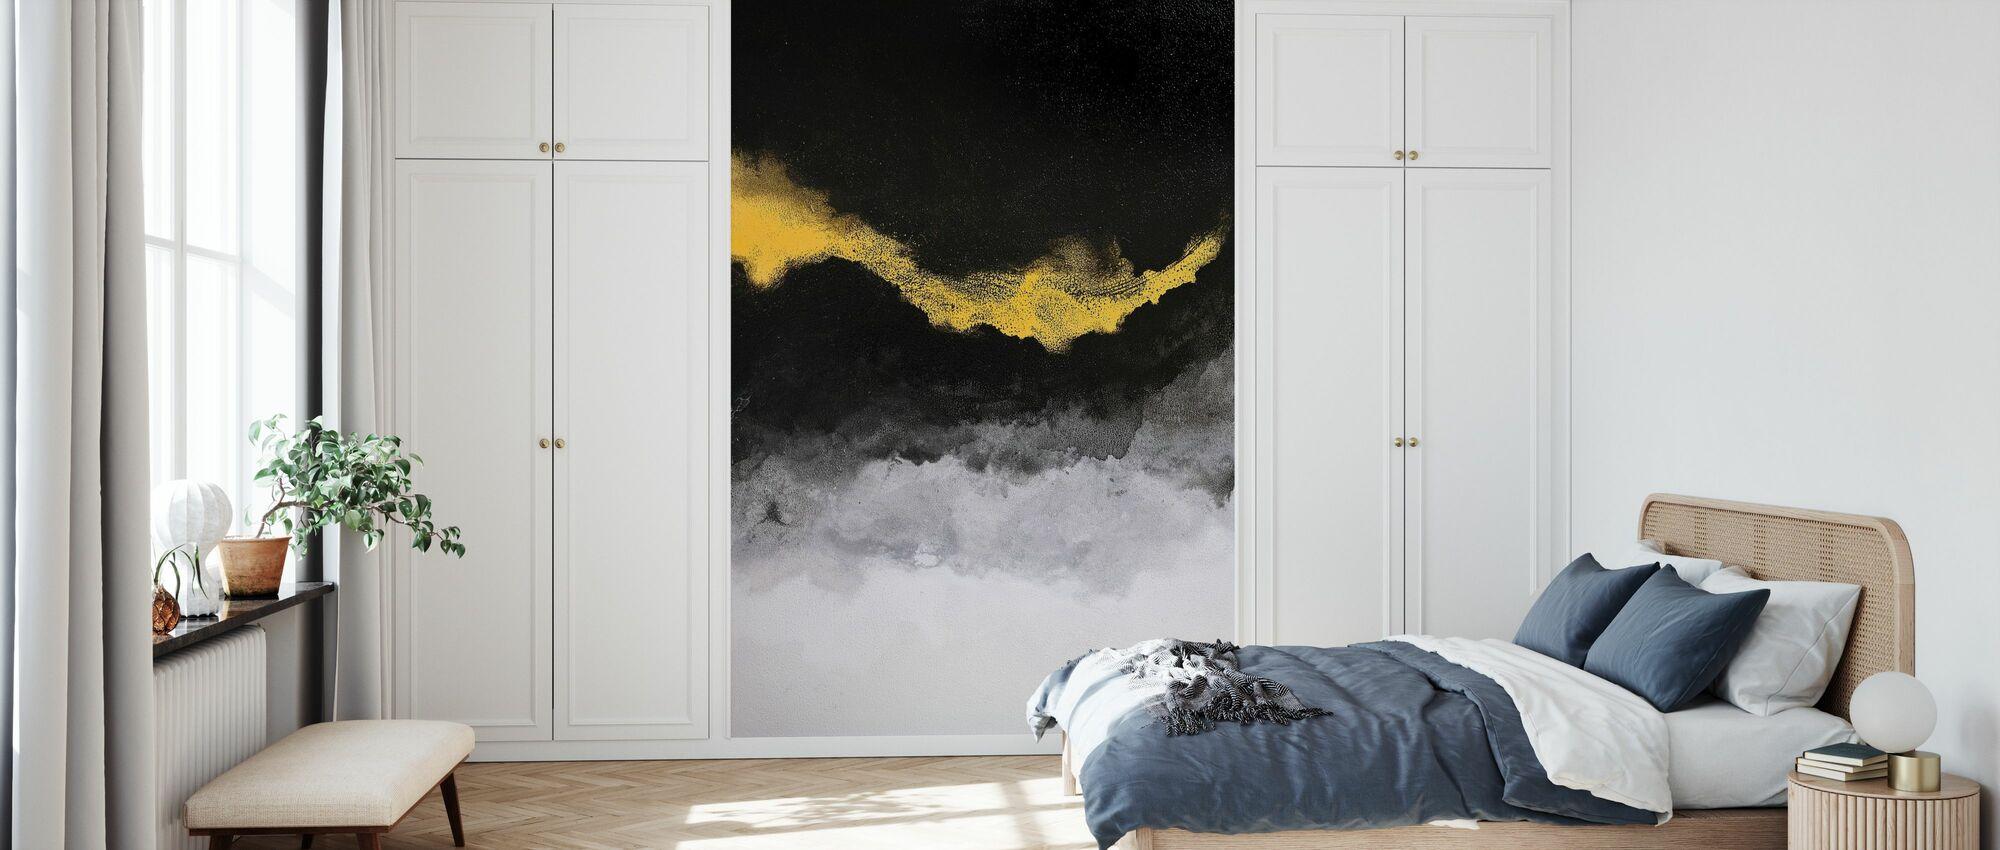 Eclipse - Wallpaper - Bedroom